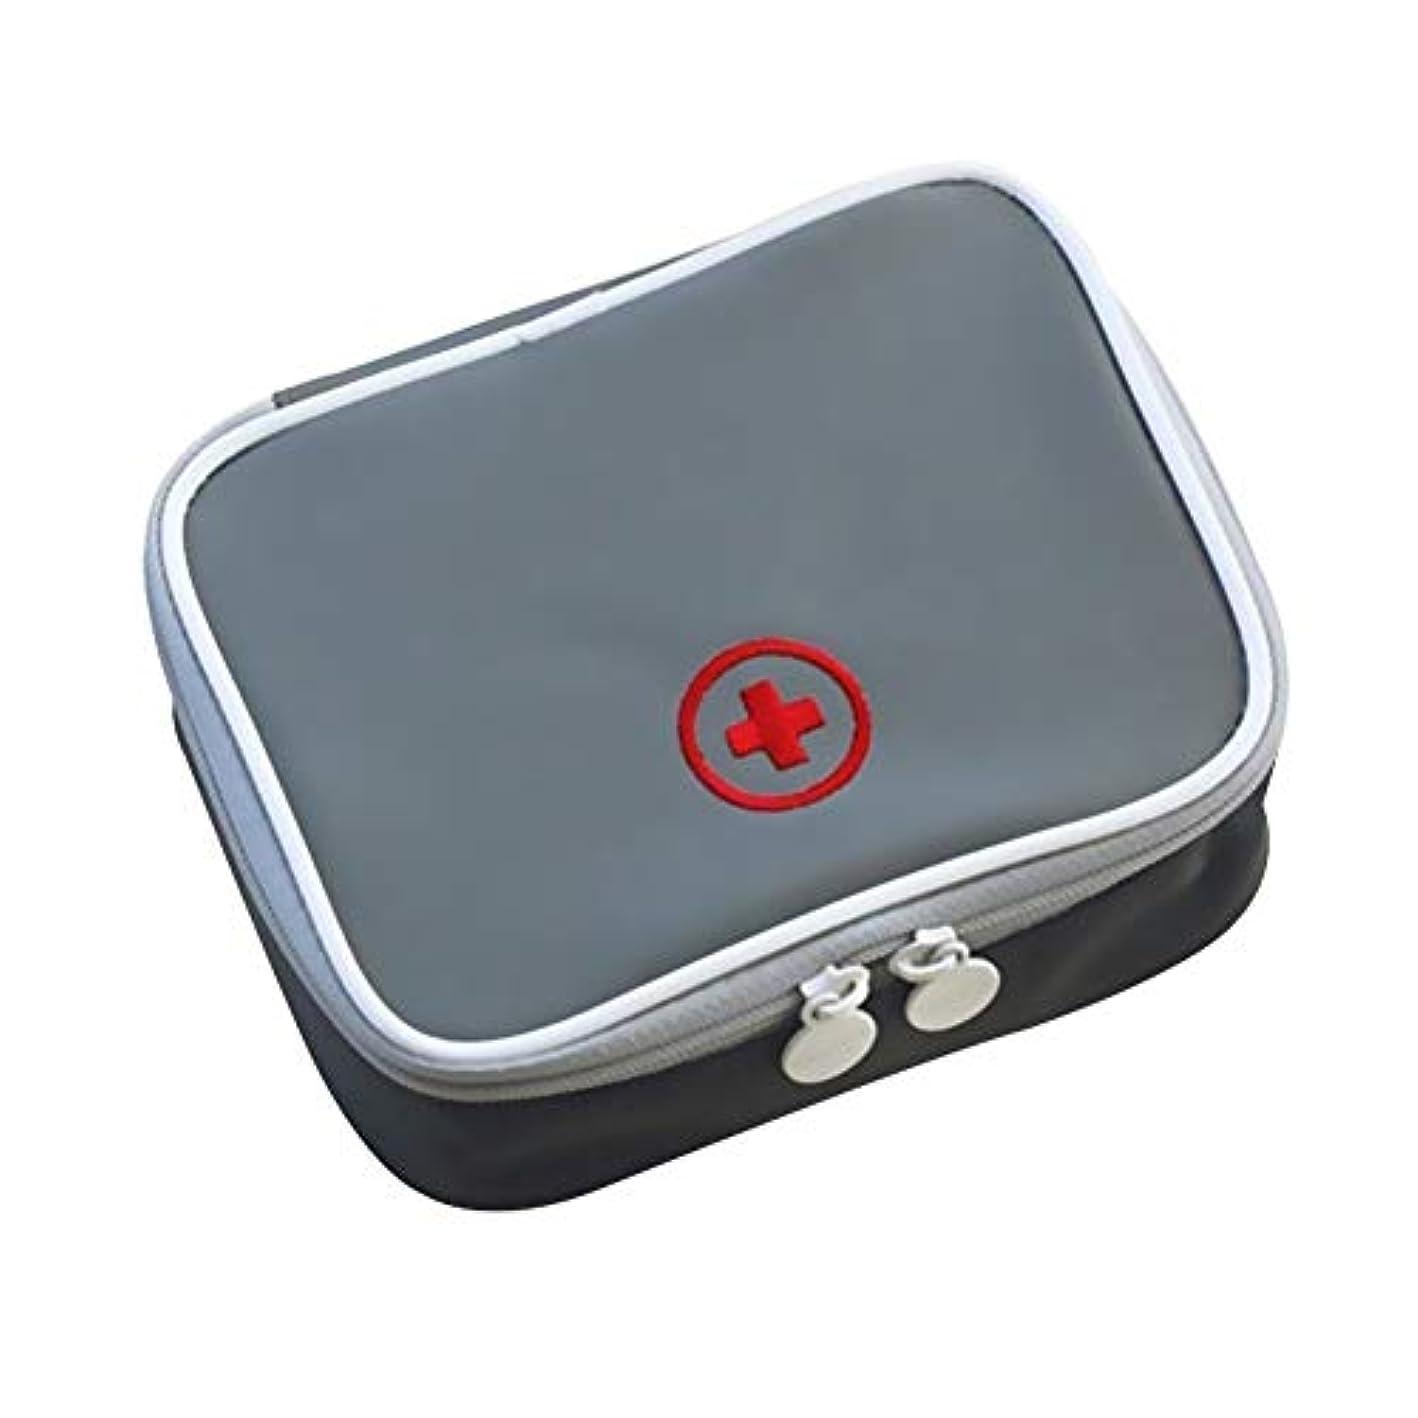 動かない広がりランプJJJJD 小型屋外の救急箱袋、旅行携帯用薬のオルガナイザーの緊急のキット (Color : Grey)